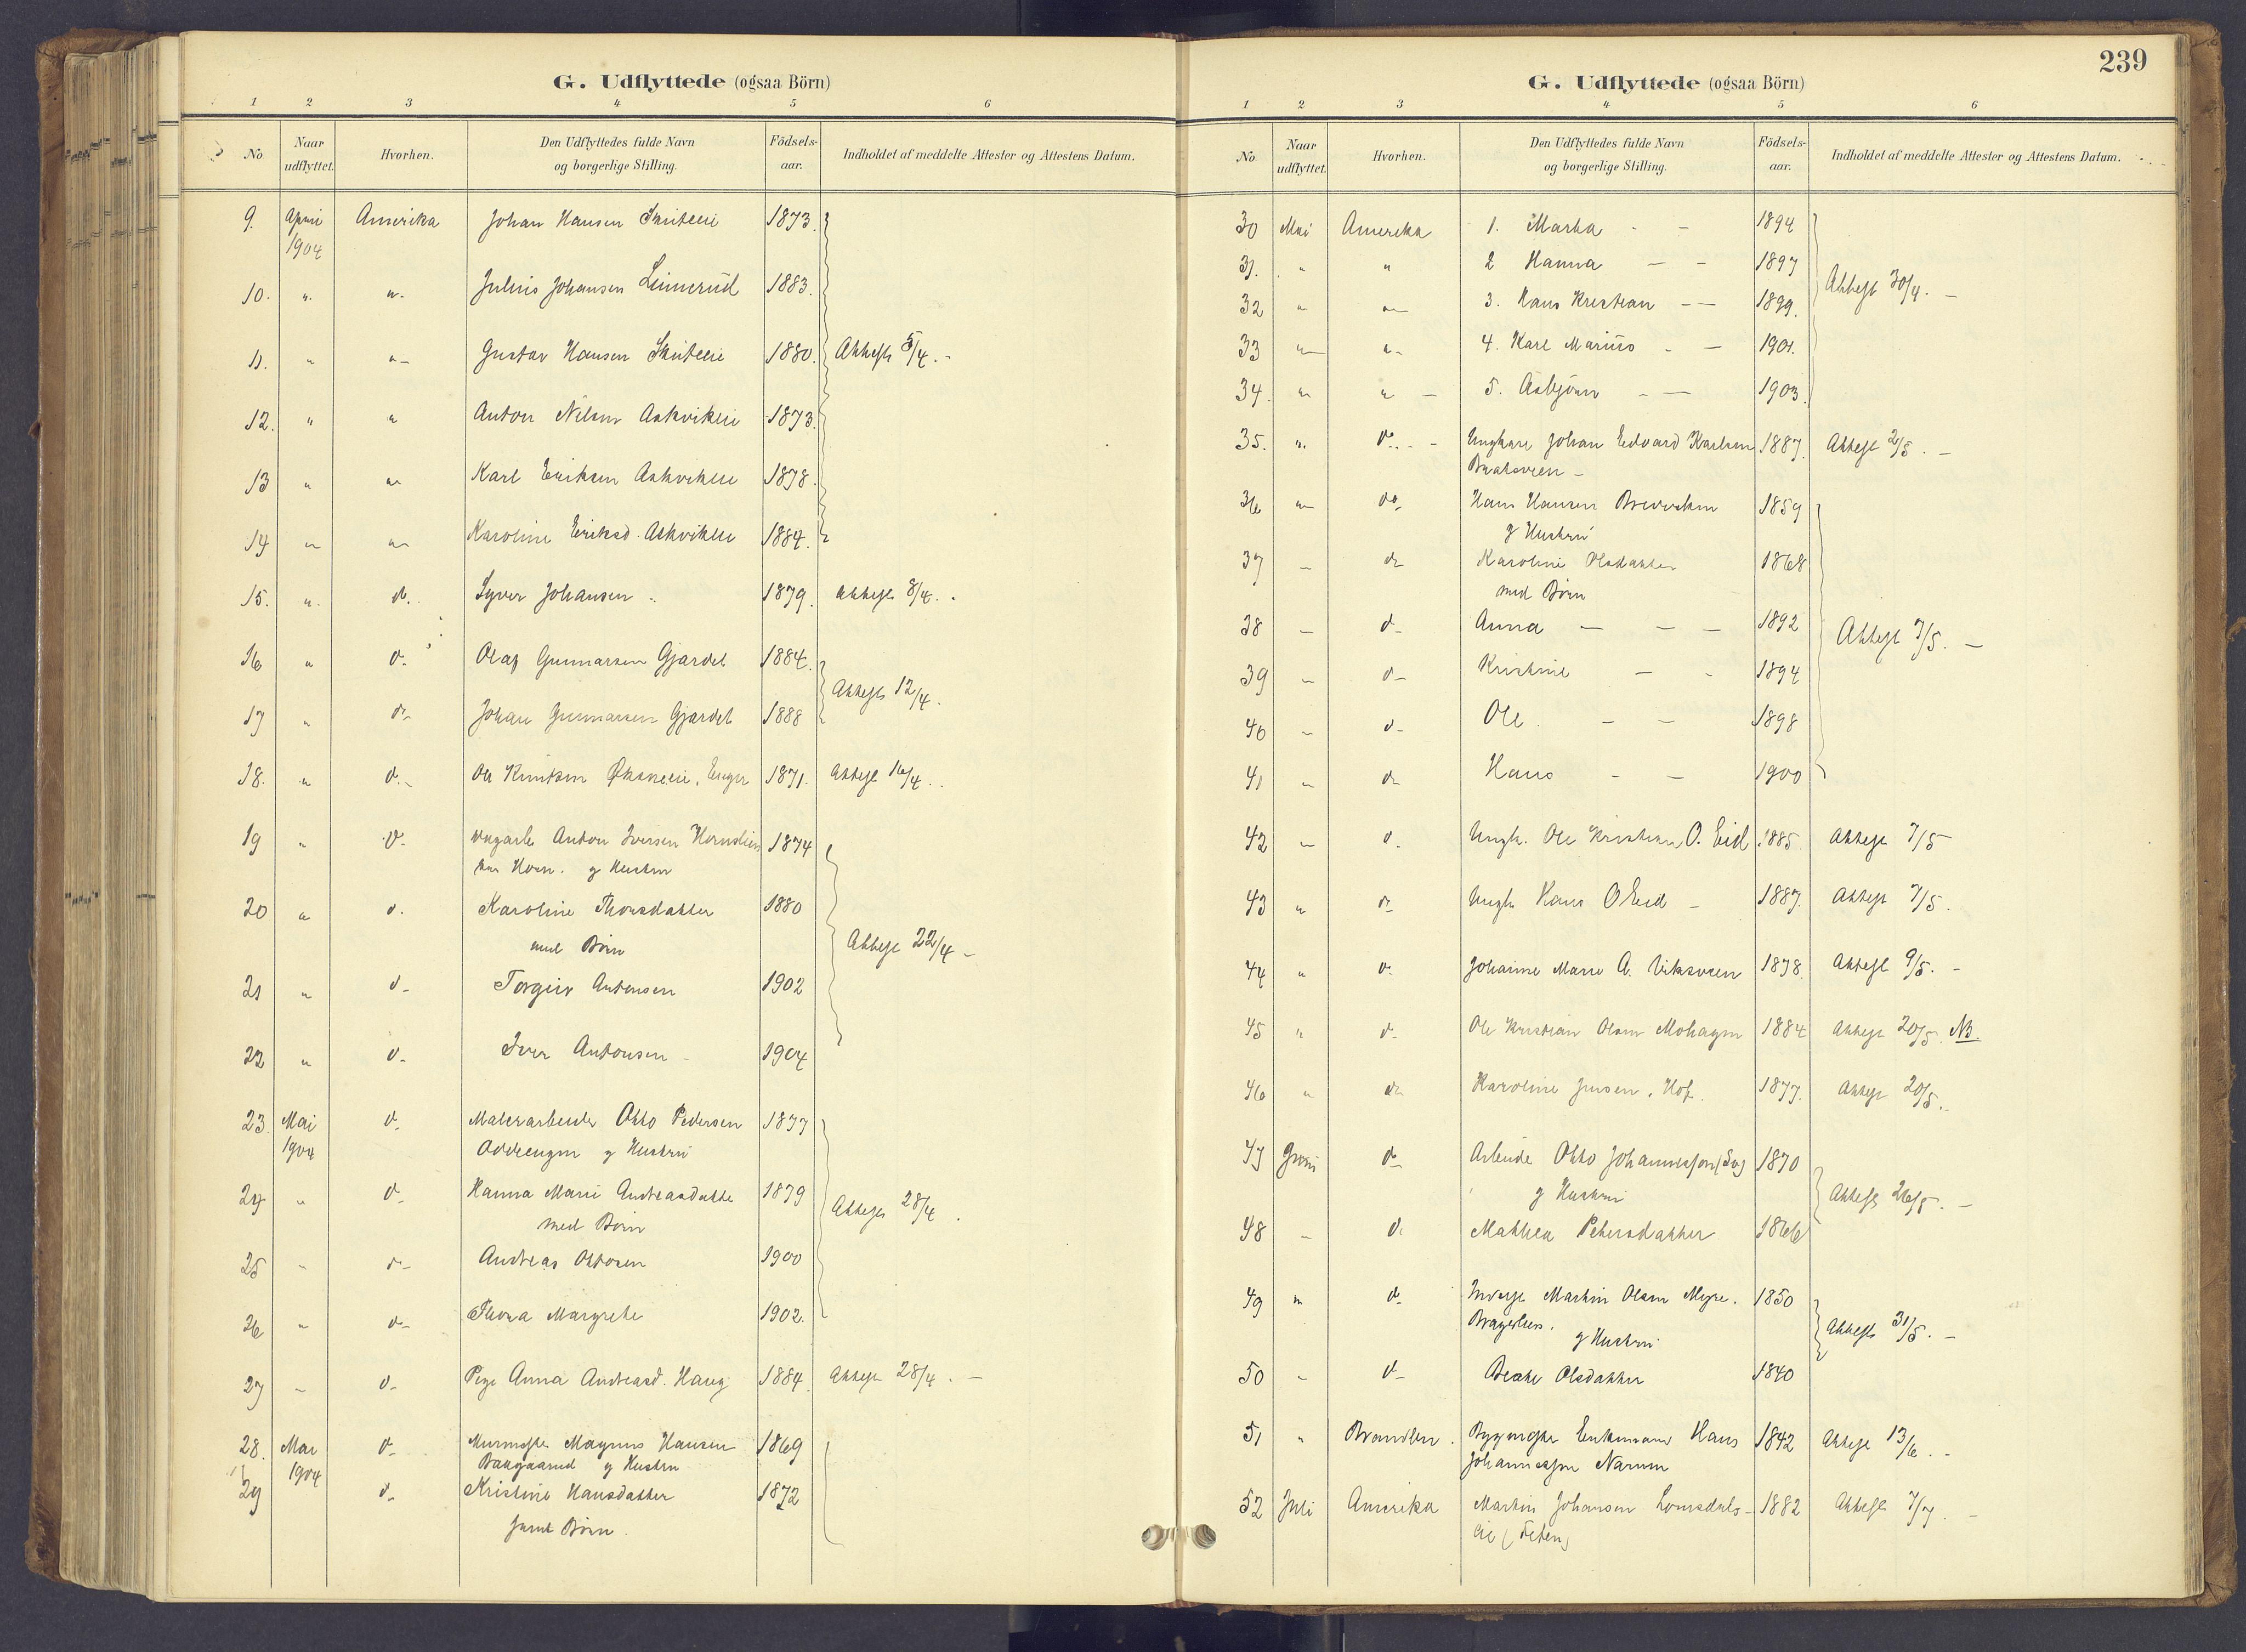 SAH, Søndre Land prestekontor, K/L0006: Ministerialbok nr. 6, 1895-1904, s. 239